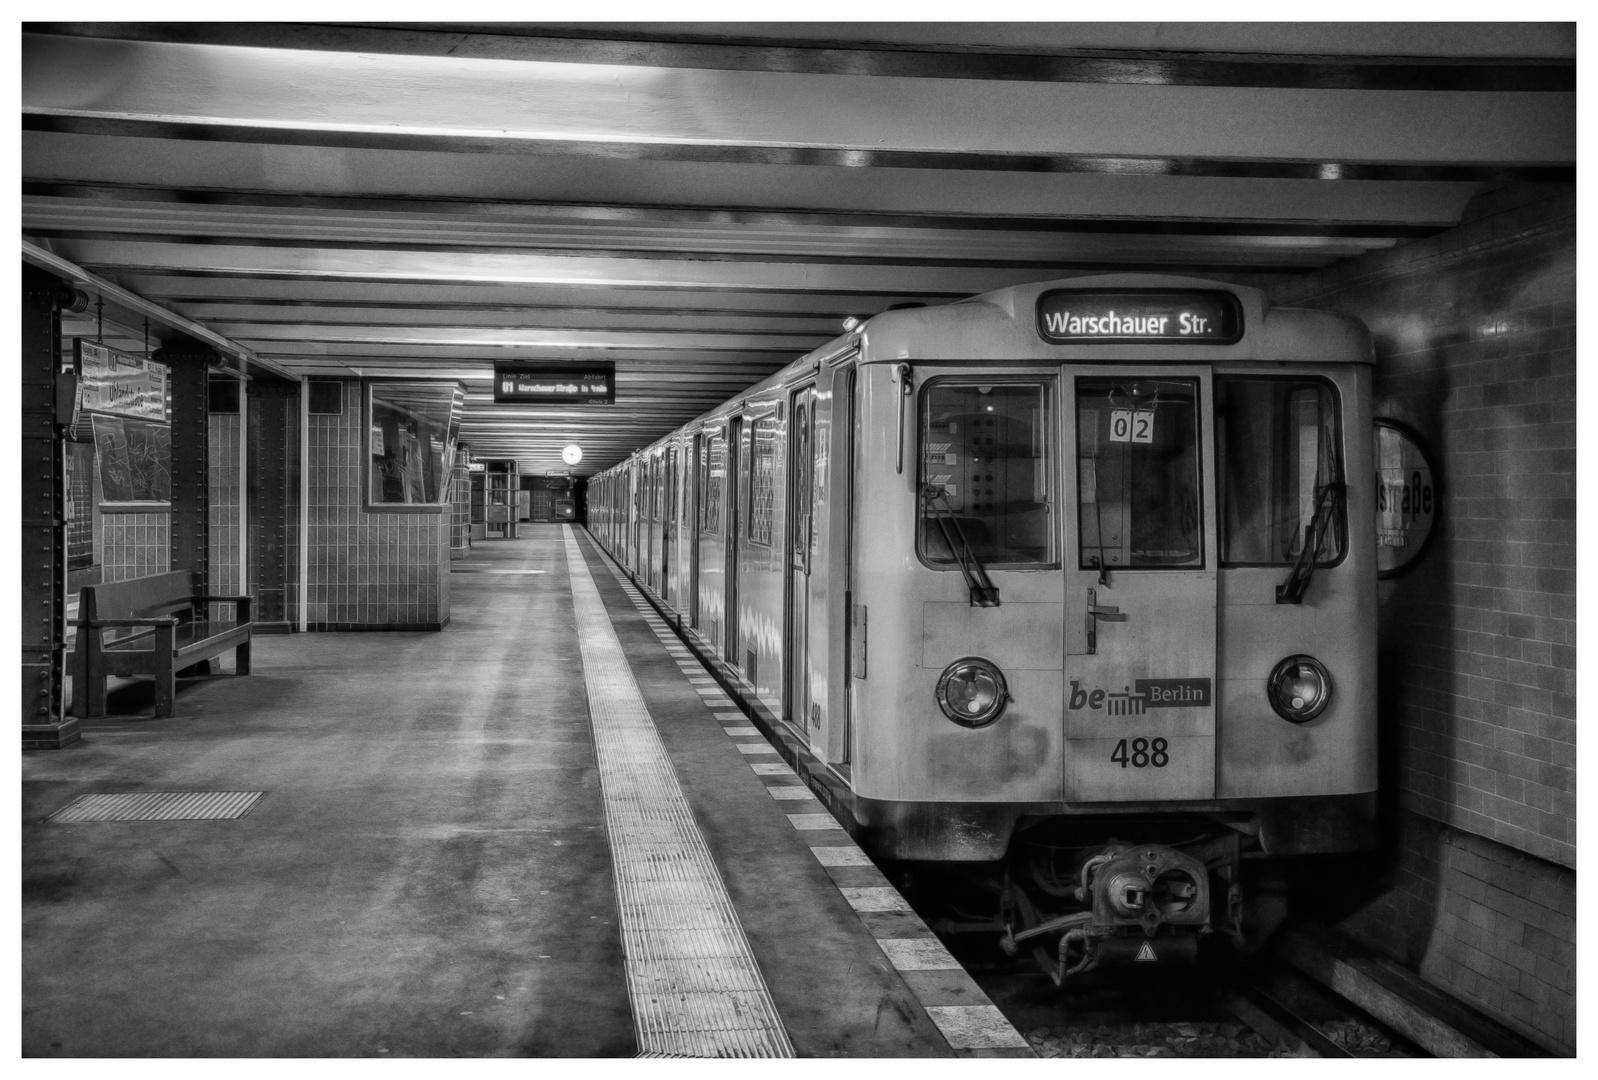 U-Bahn Station Berlin Warschauer Str.